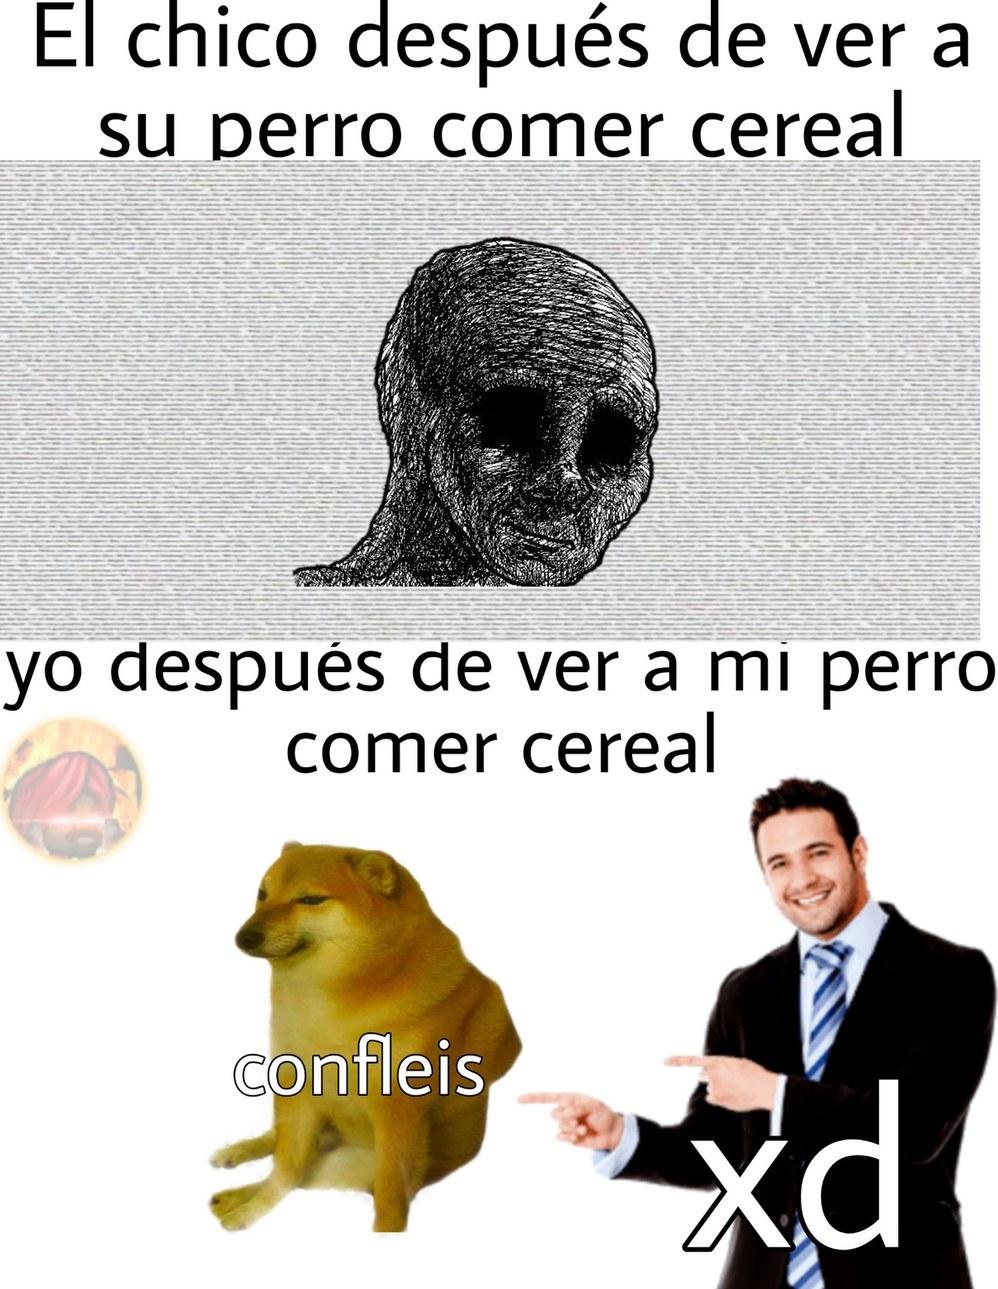 Confleis - meme